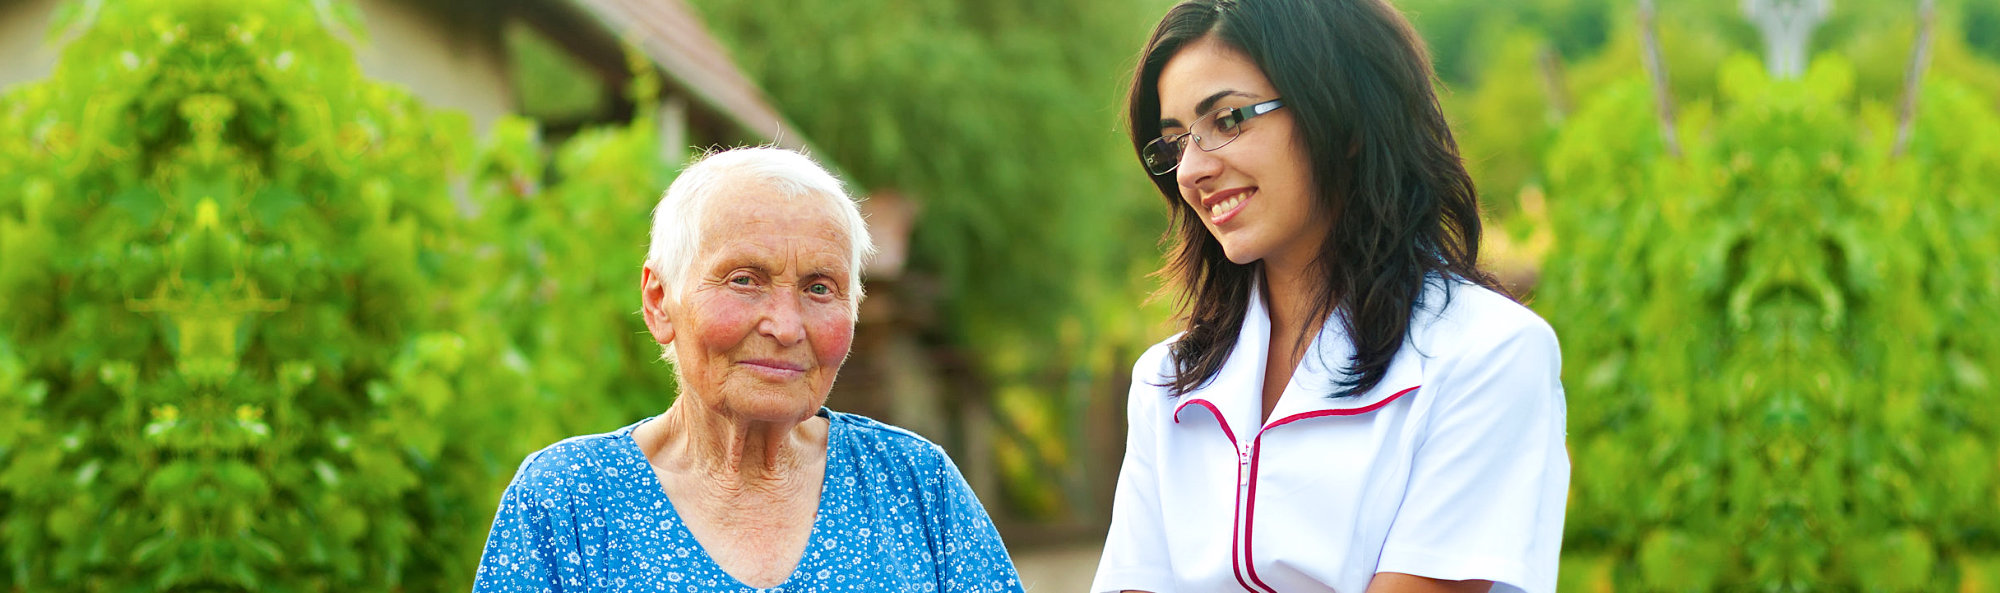 Elder and female caregiver